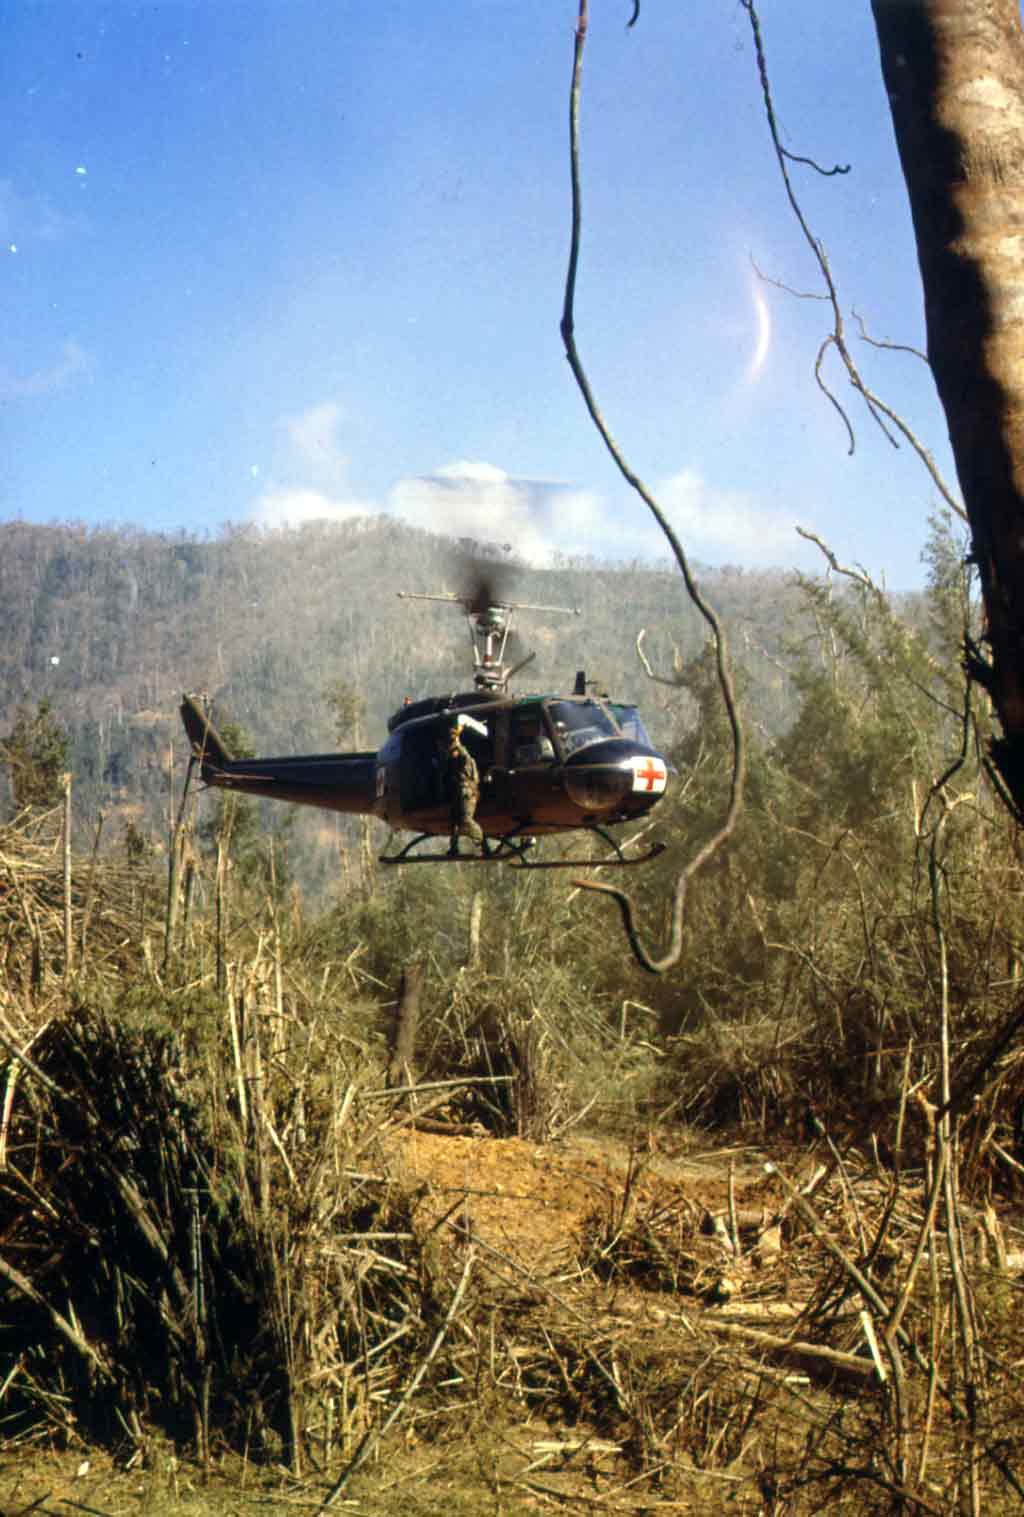 UH-1D Medevac Helicopter